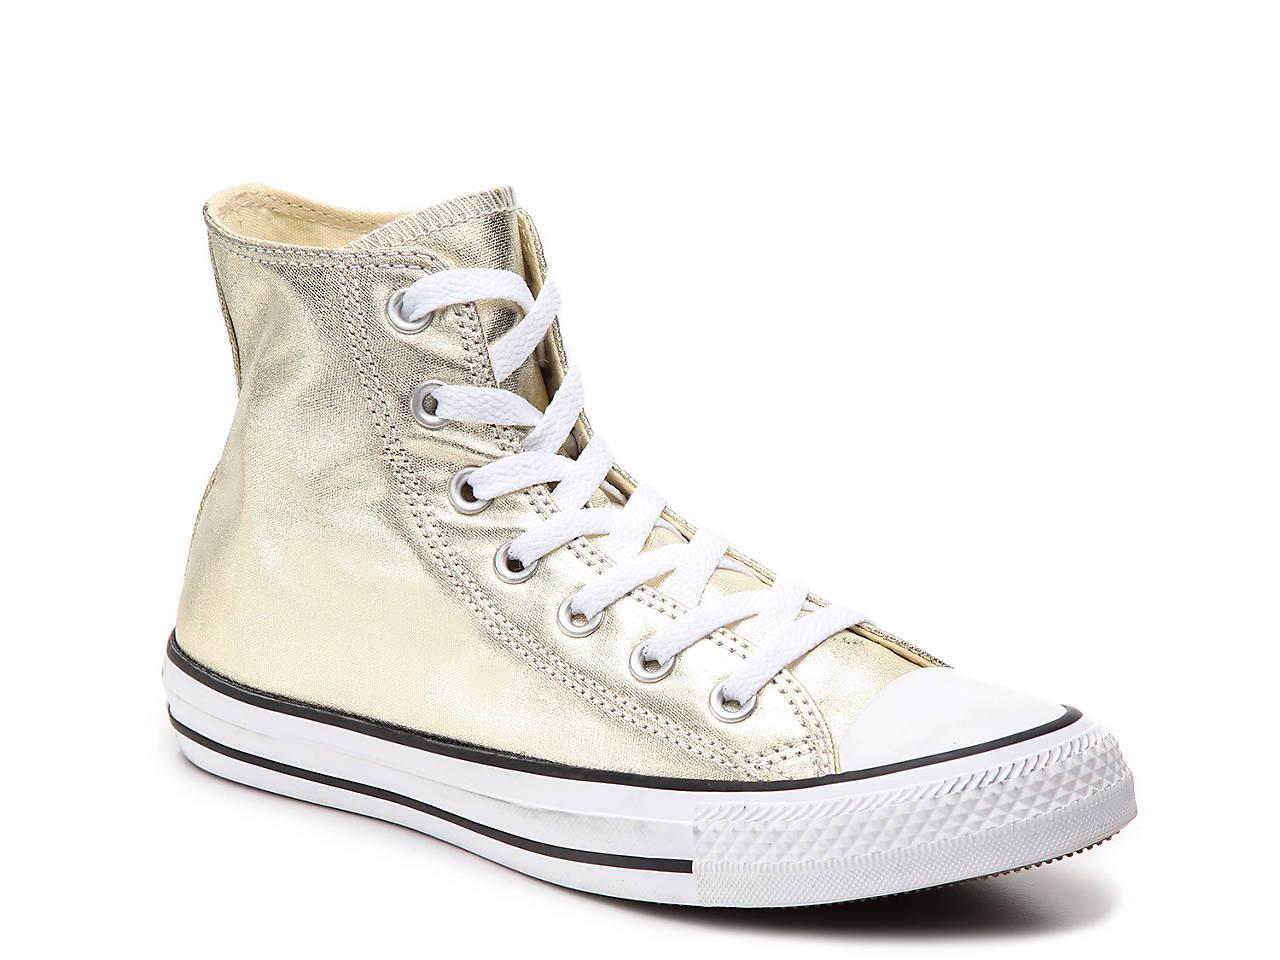 b565d4d4c8 Converse Chuck Taylor All Star Metallic High-Top Sneaker - Women's ...